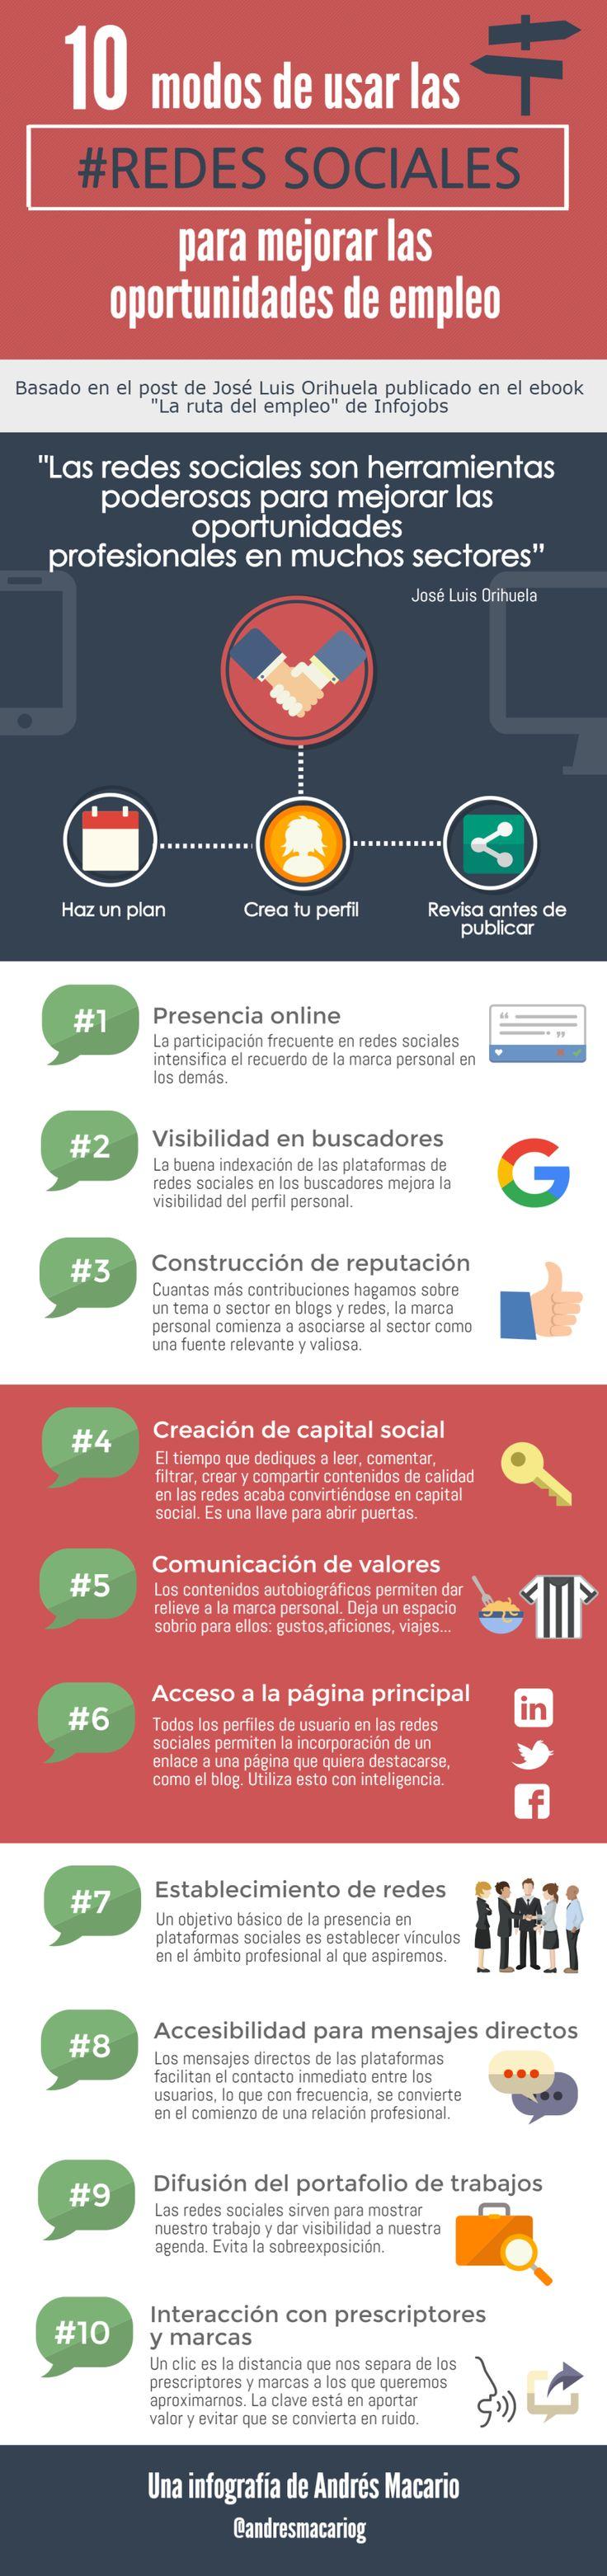 10 formas de buscar empleo en las redes sociales